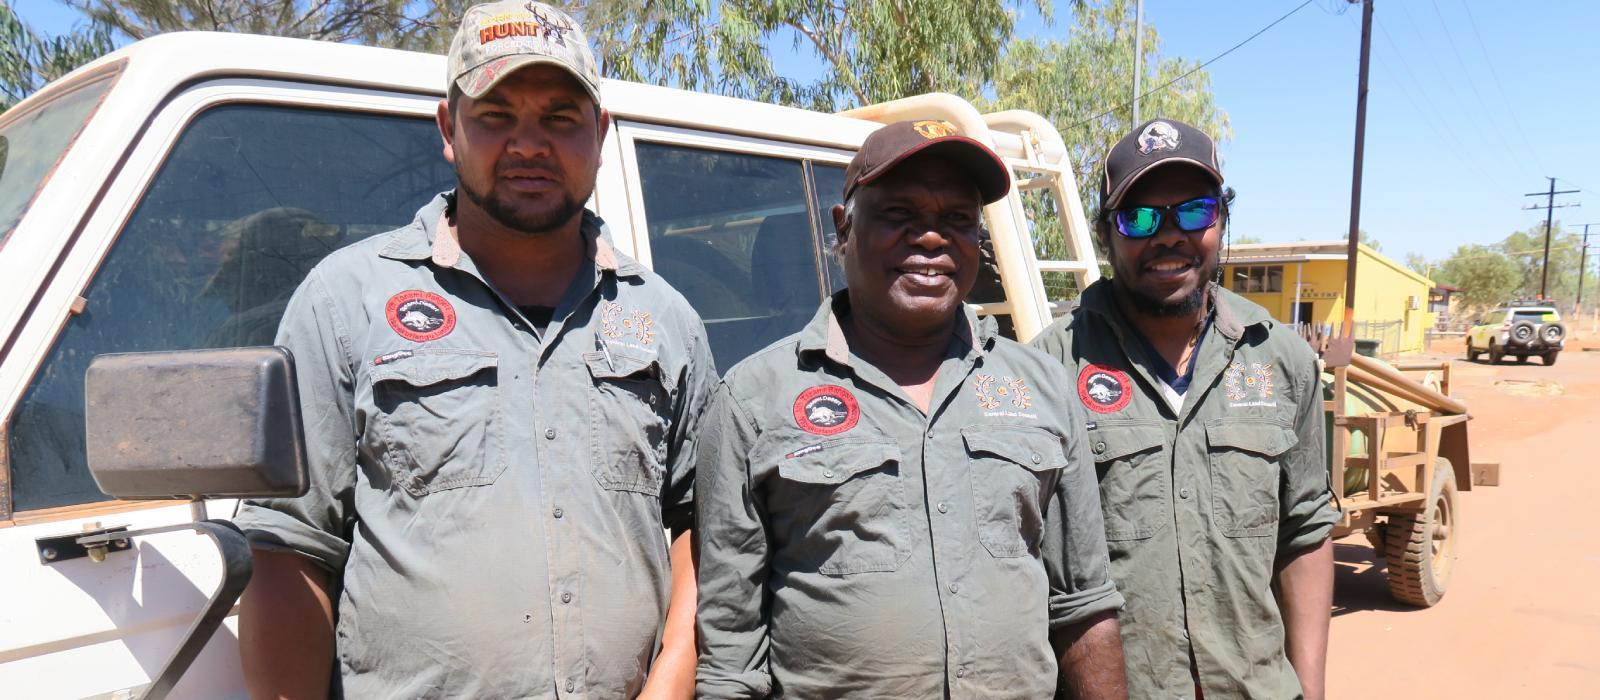 3 rangers smiling at camera